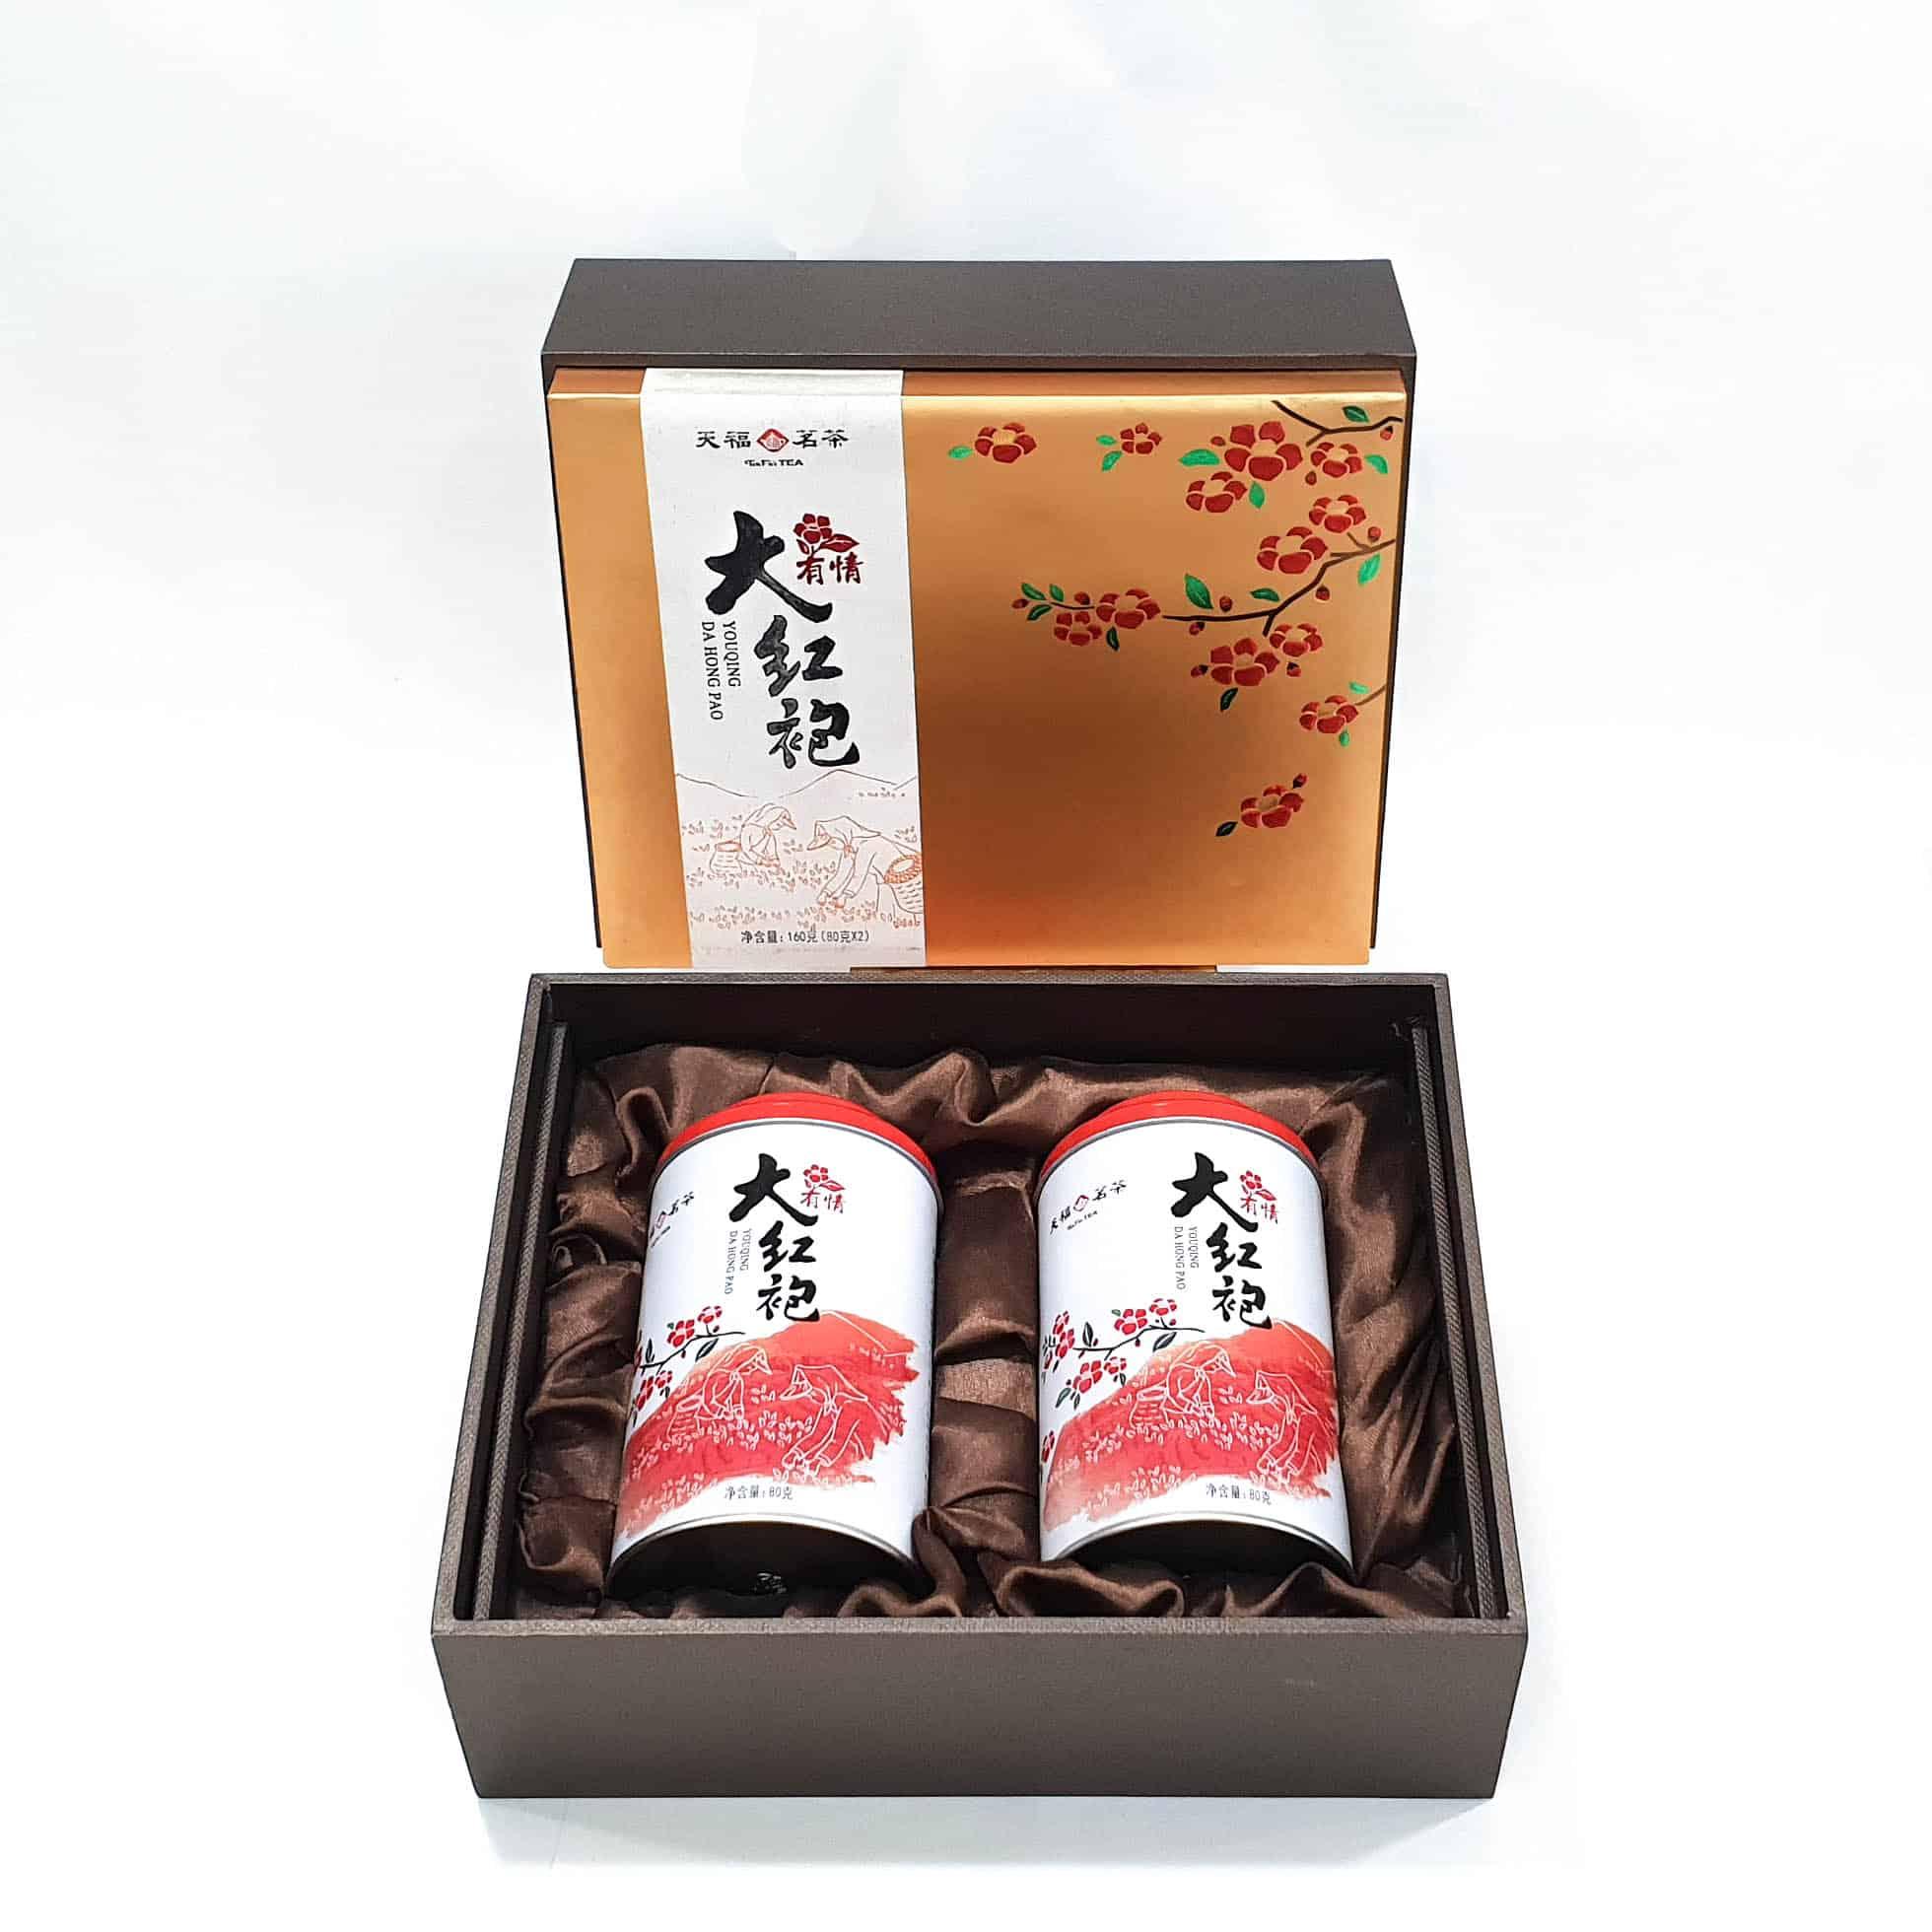 大紅袍禮盒 (160 g)